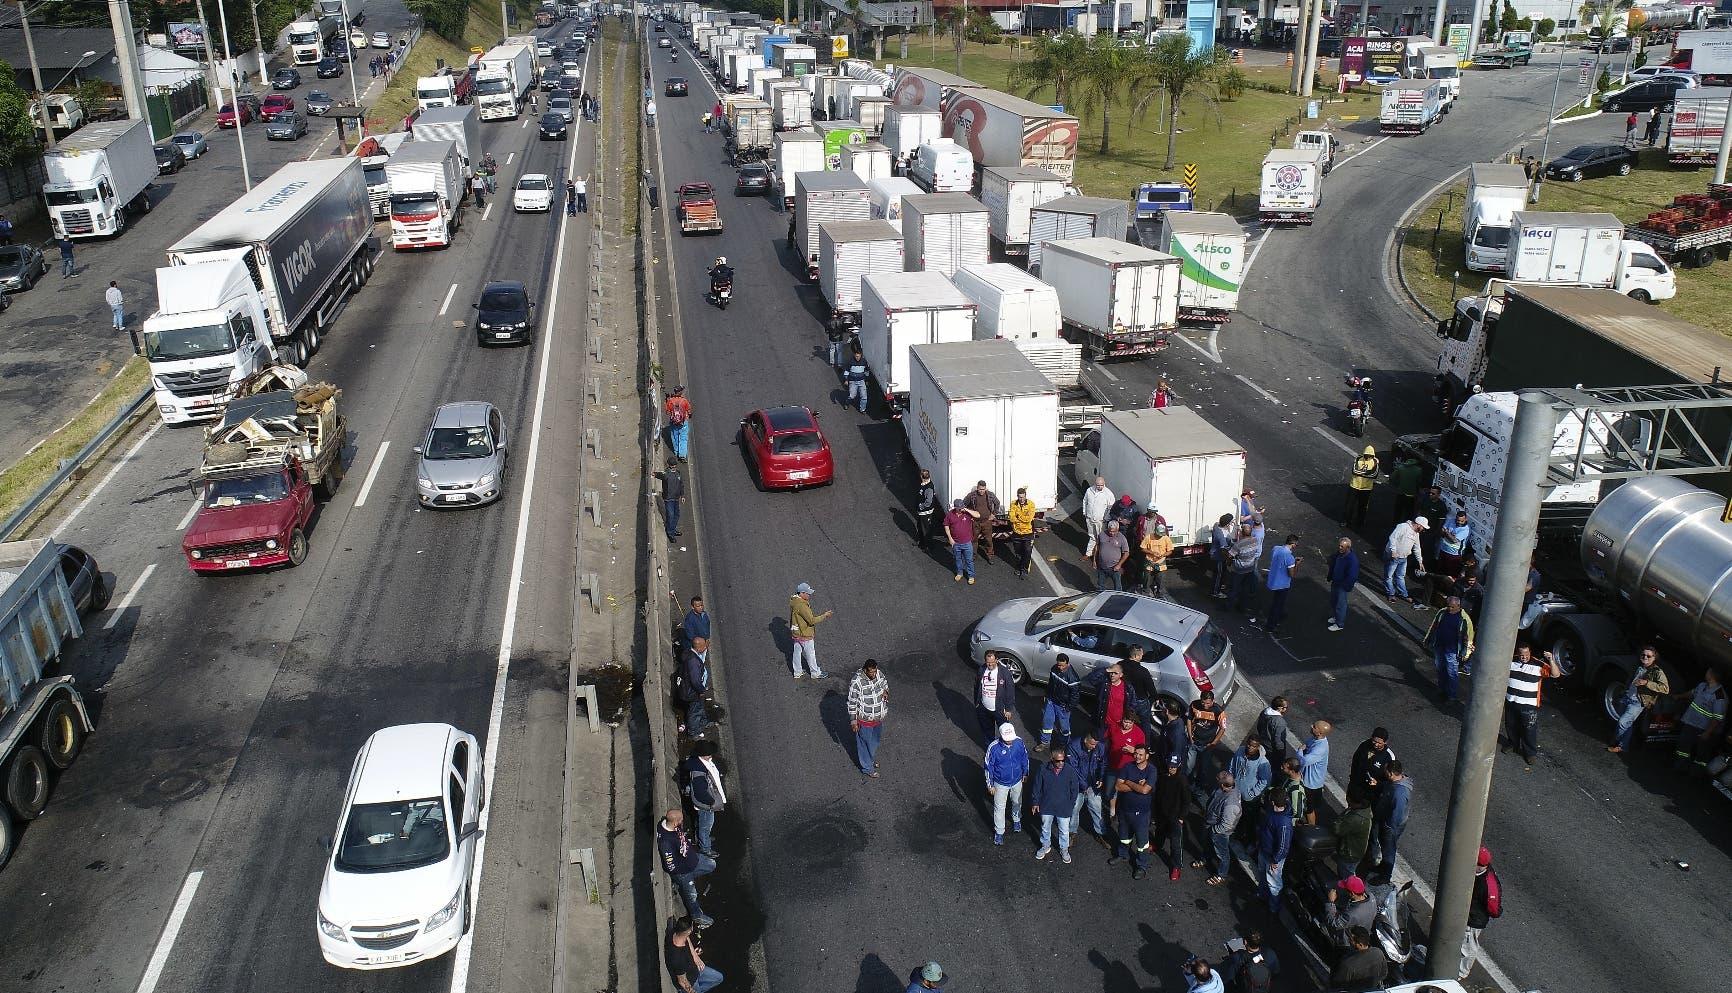 Camioneros bloquean una carretera federal que conecta a los países del Mercosur, para protestar por el aumento de los precios del diésel, en Embu das Artes, a las afueras de Sao Paulo, Brasil. (AP Foto/Andre Penner)